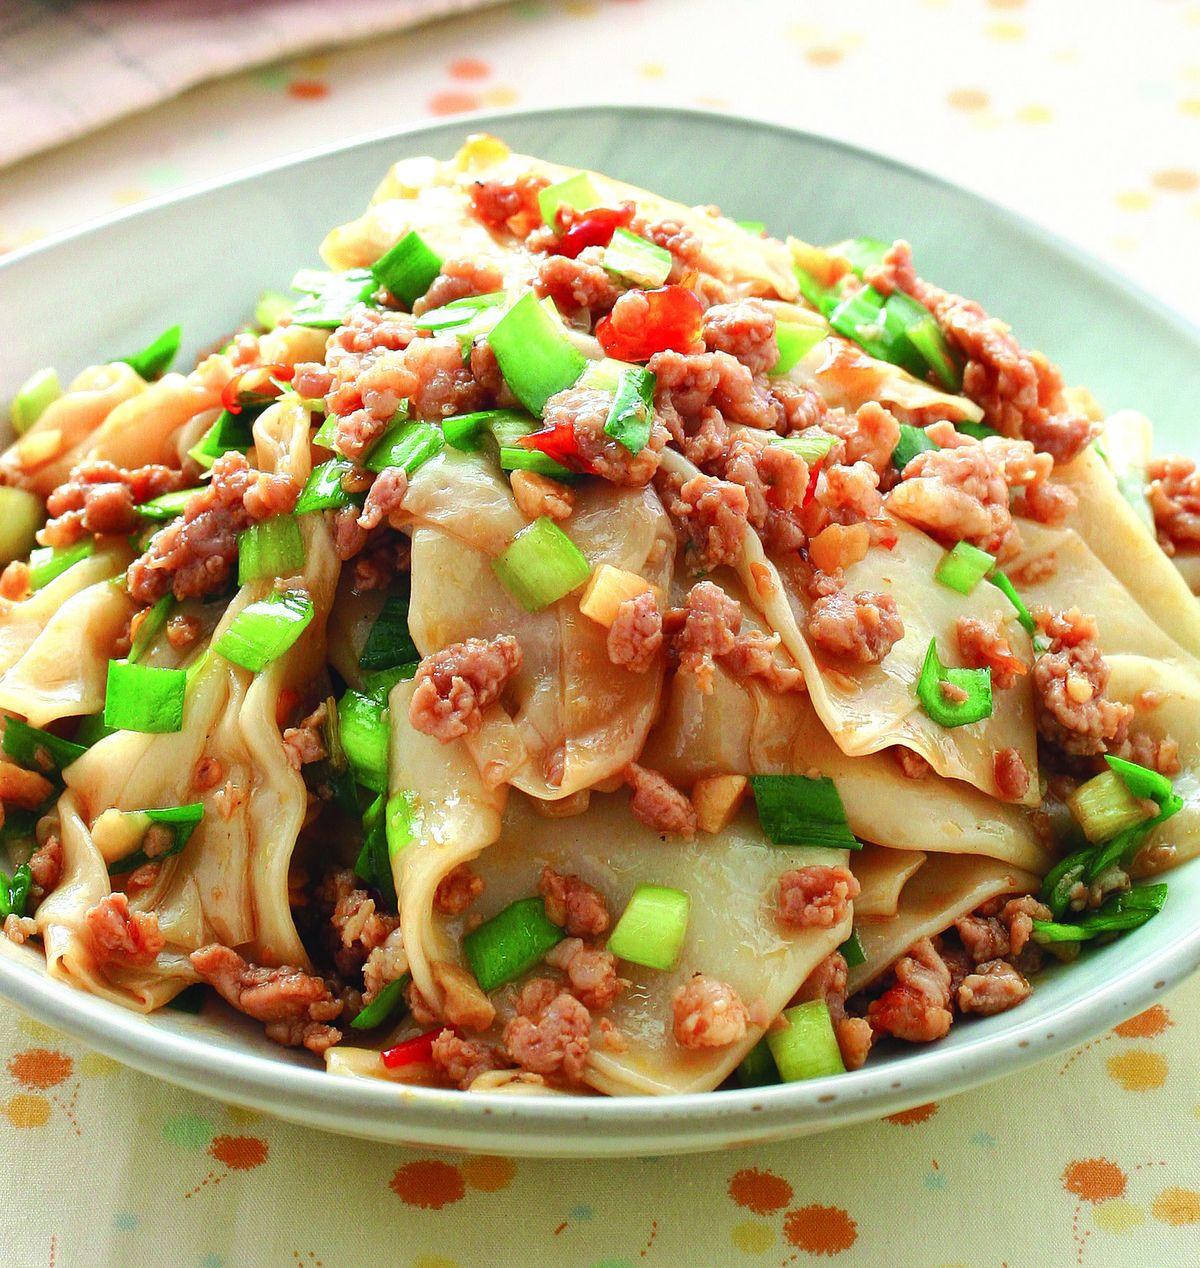 食譜:肉末炒餛飩皮